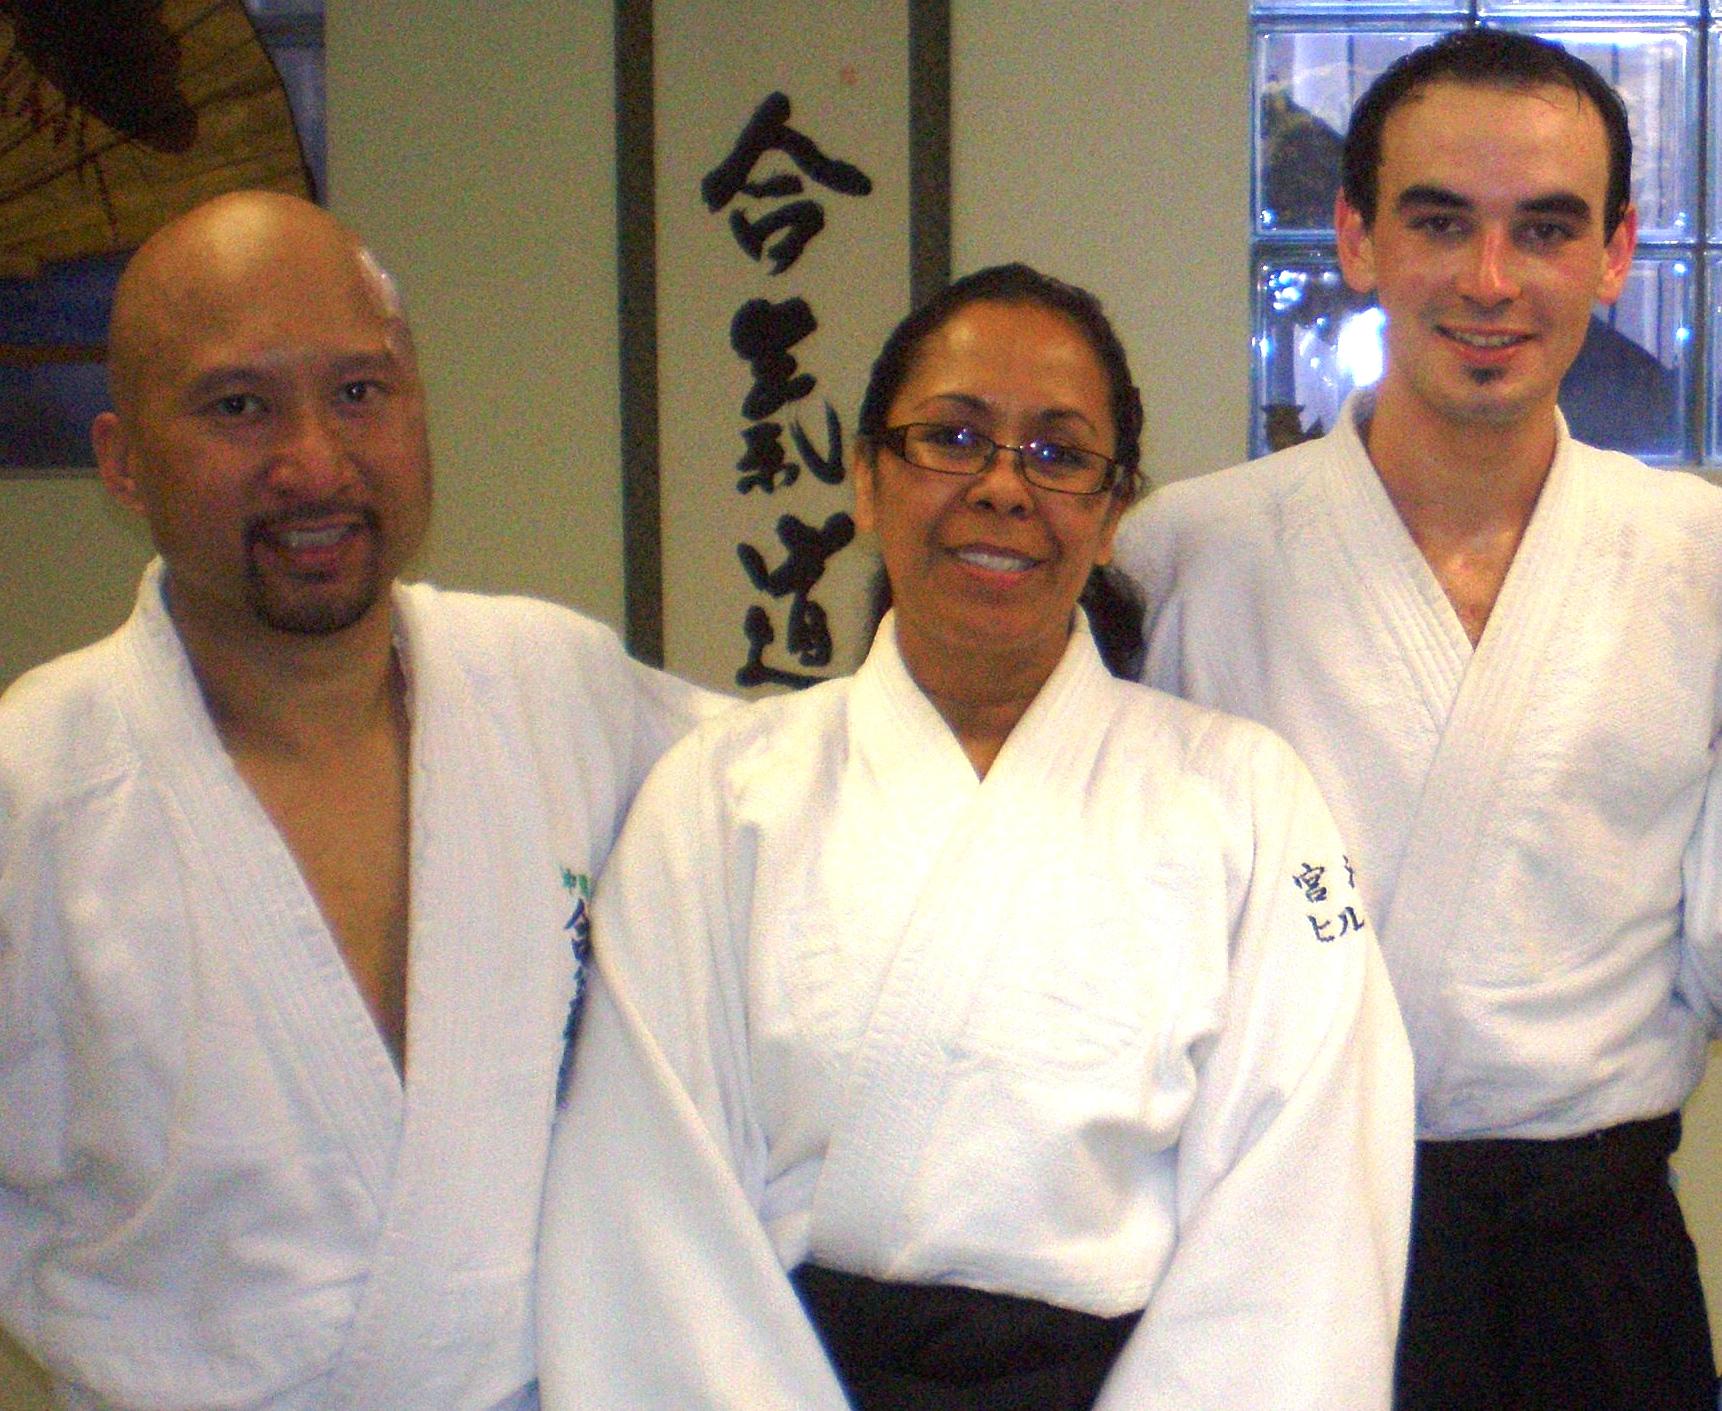 Instructors at DC Aikido Martial Arts, Washington, DC